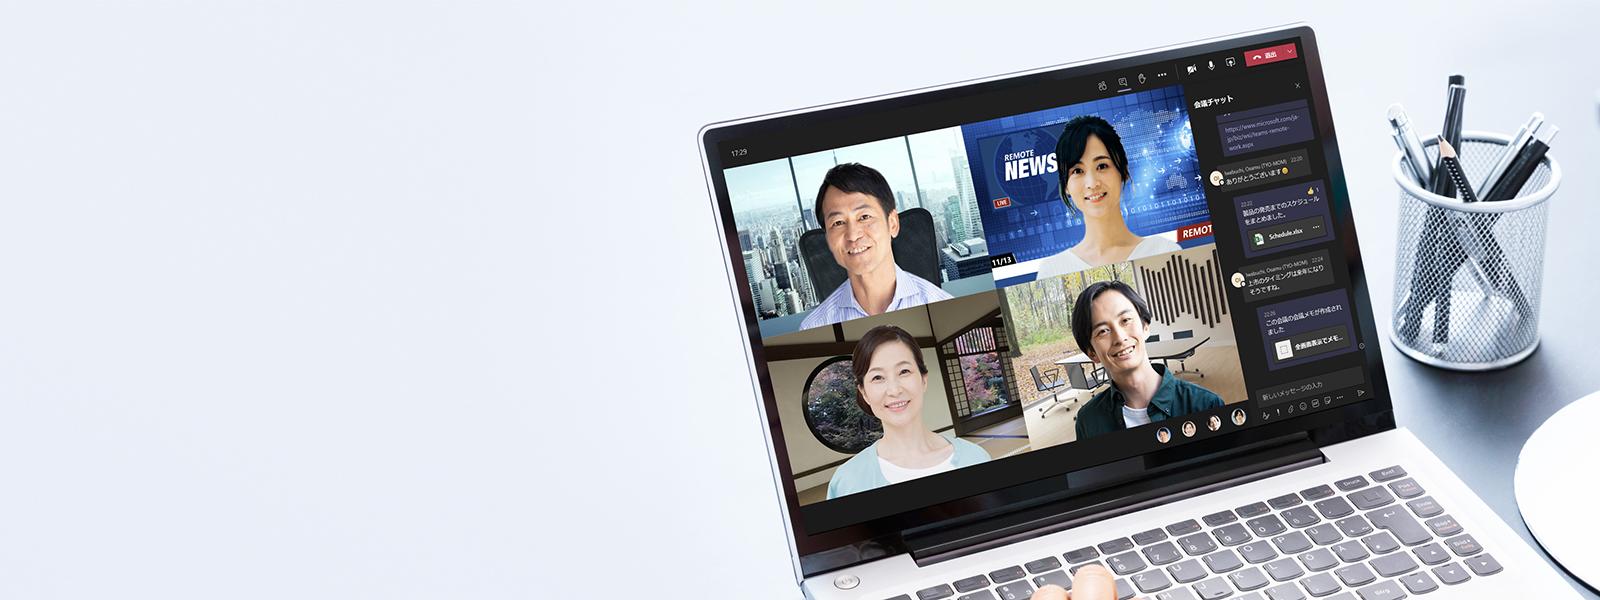 背景画像を変更した参加者 4 人による Microsoft Teams のビデオ会議が画面に表示されたノート PC